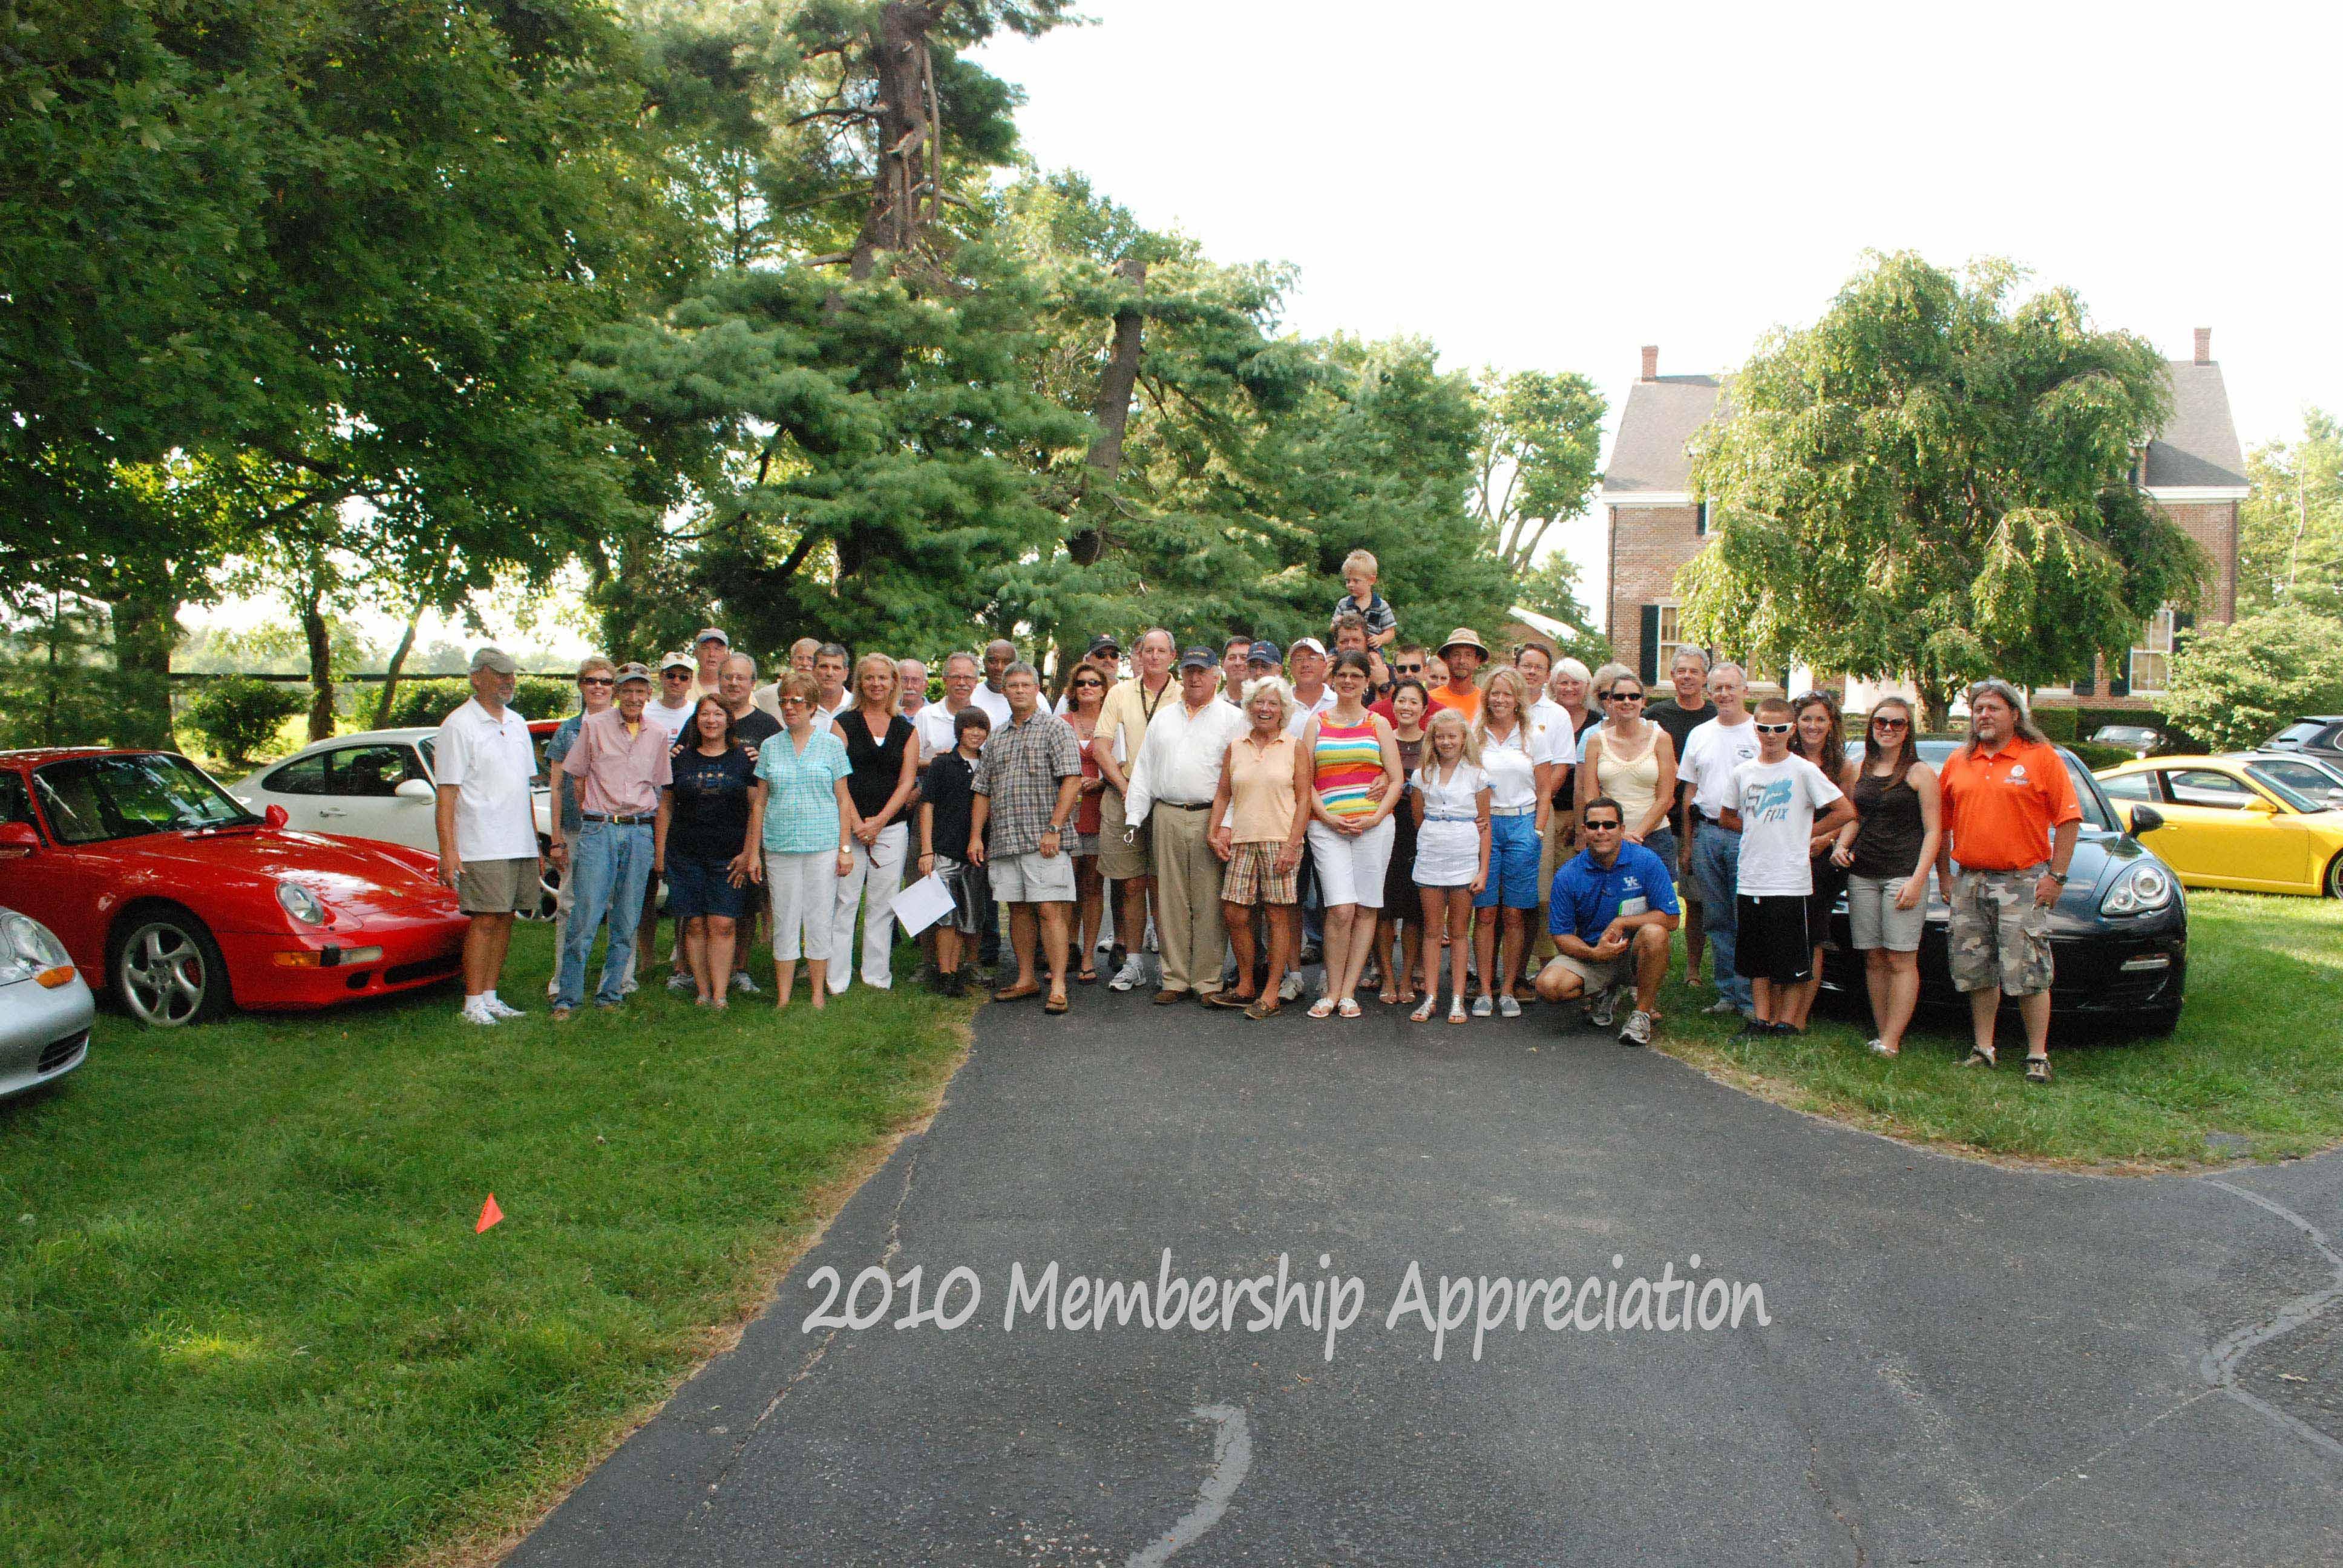 2010-Membership-Appreciation-01